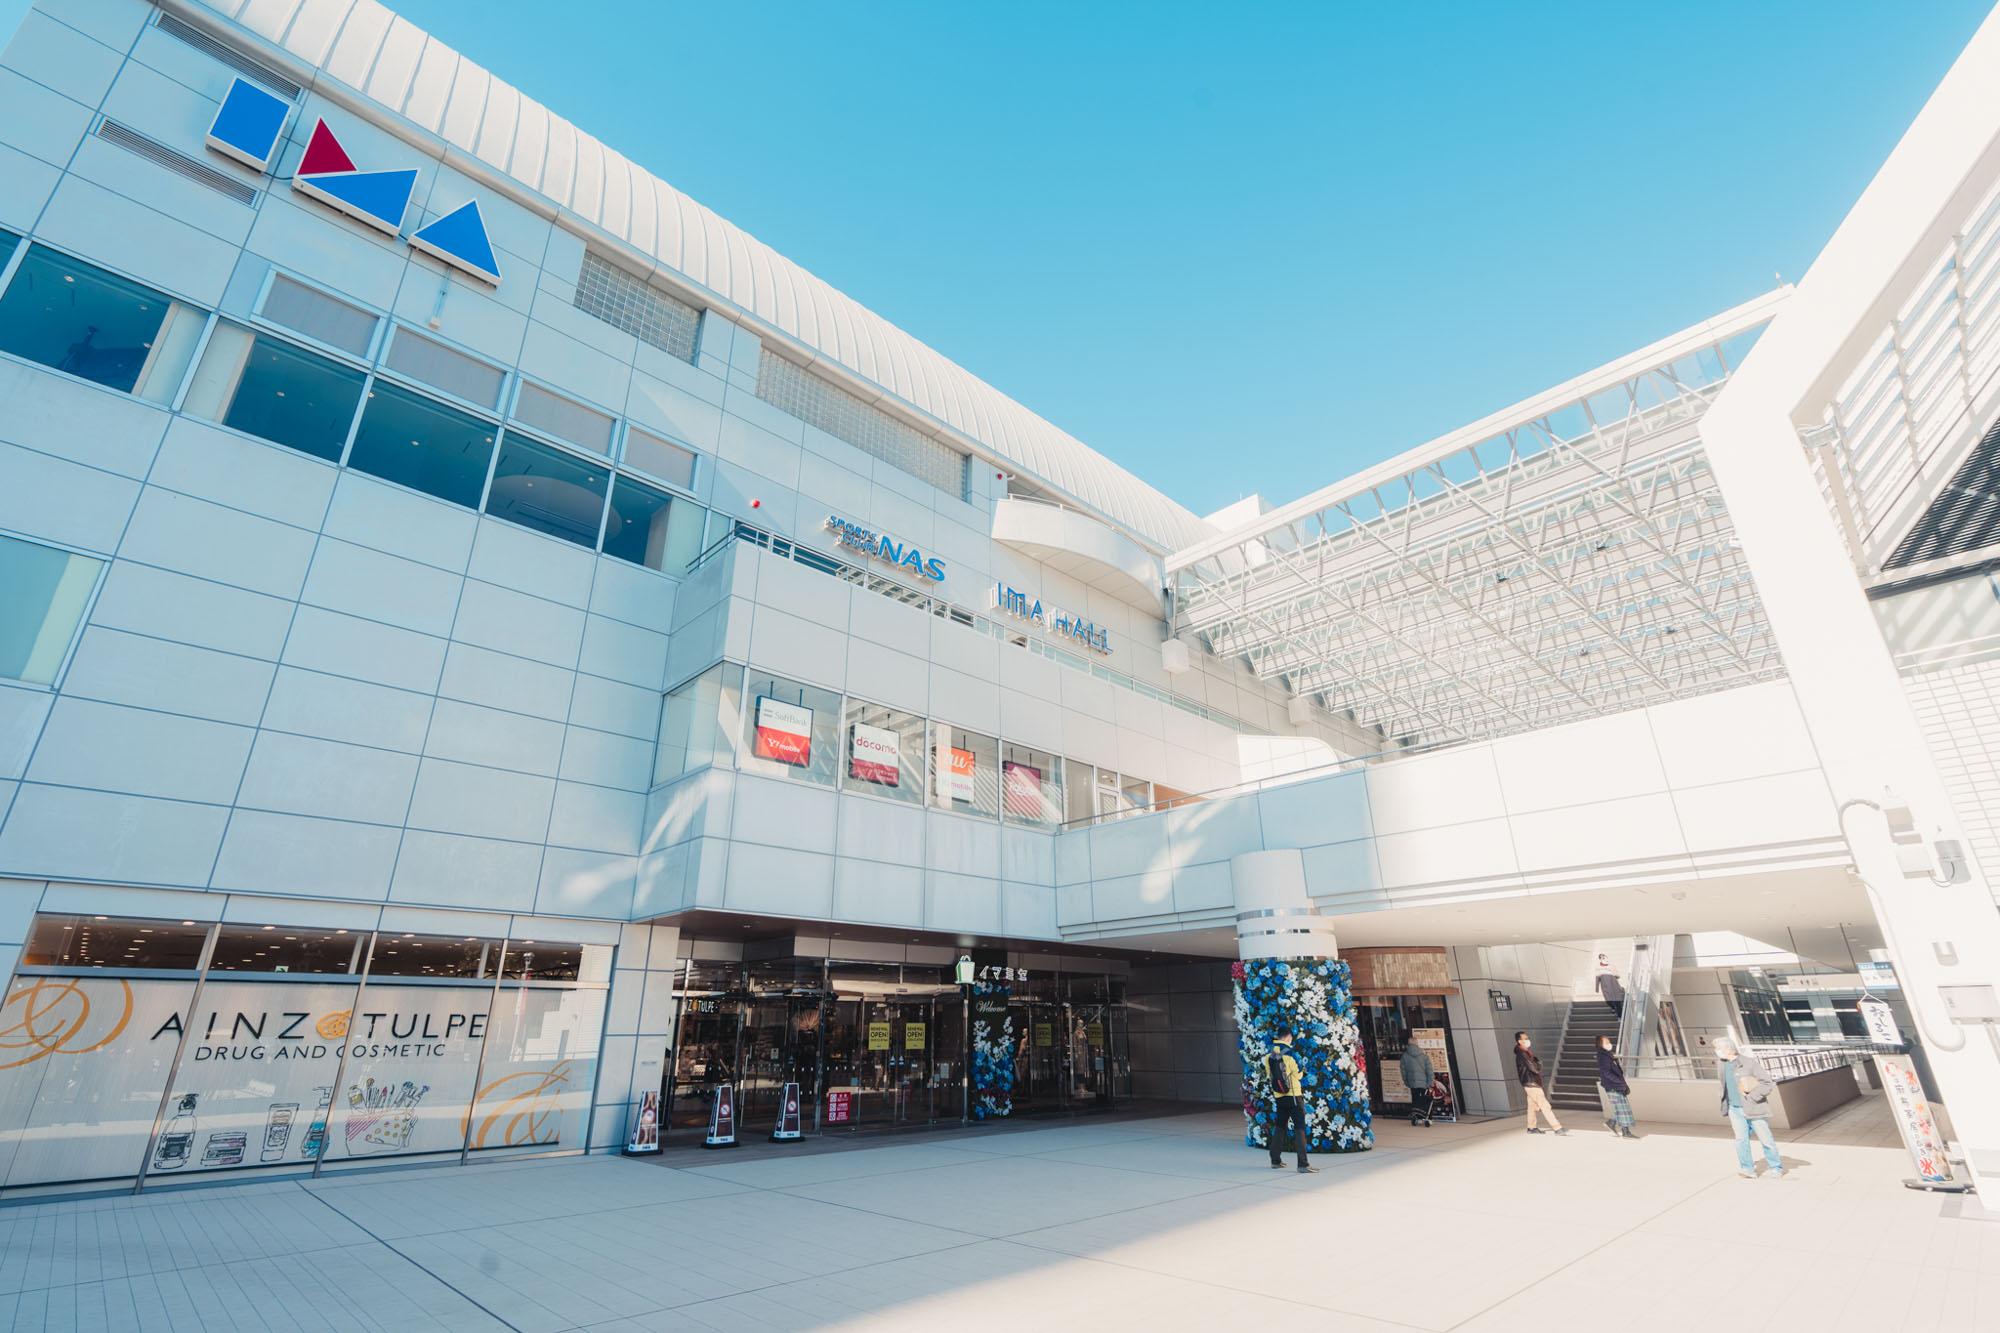 駅直結の「光が丘IMA」は2020年12月にリニューアルオープンしたばかり。大型のイオンが入居するほか、多数の飲食店、専門店が入居していて、ここに来たらなんでも揃います。